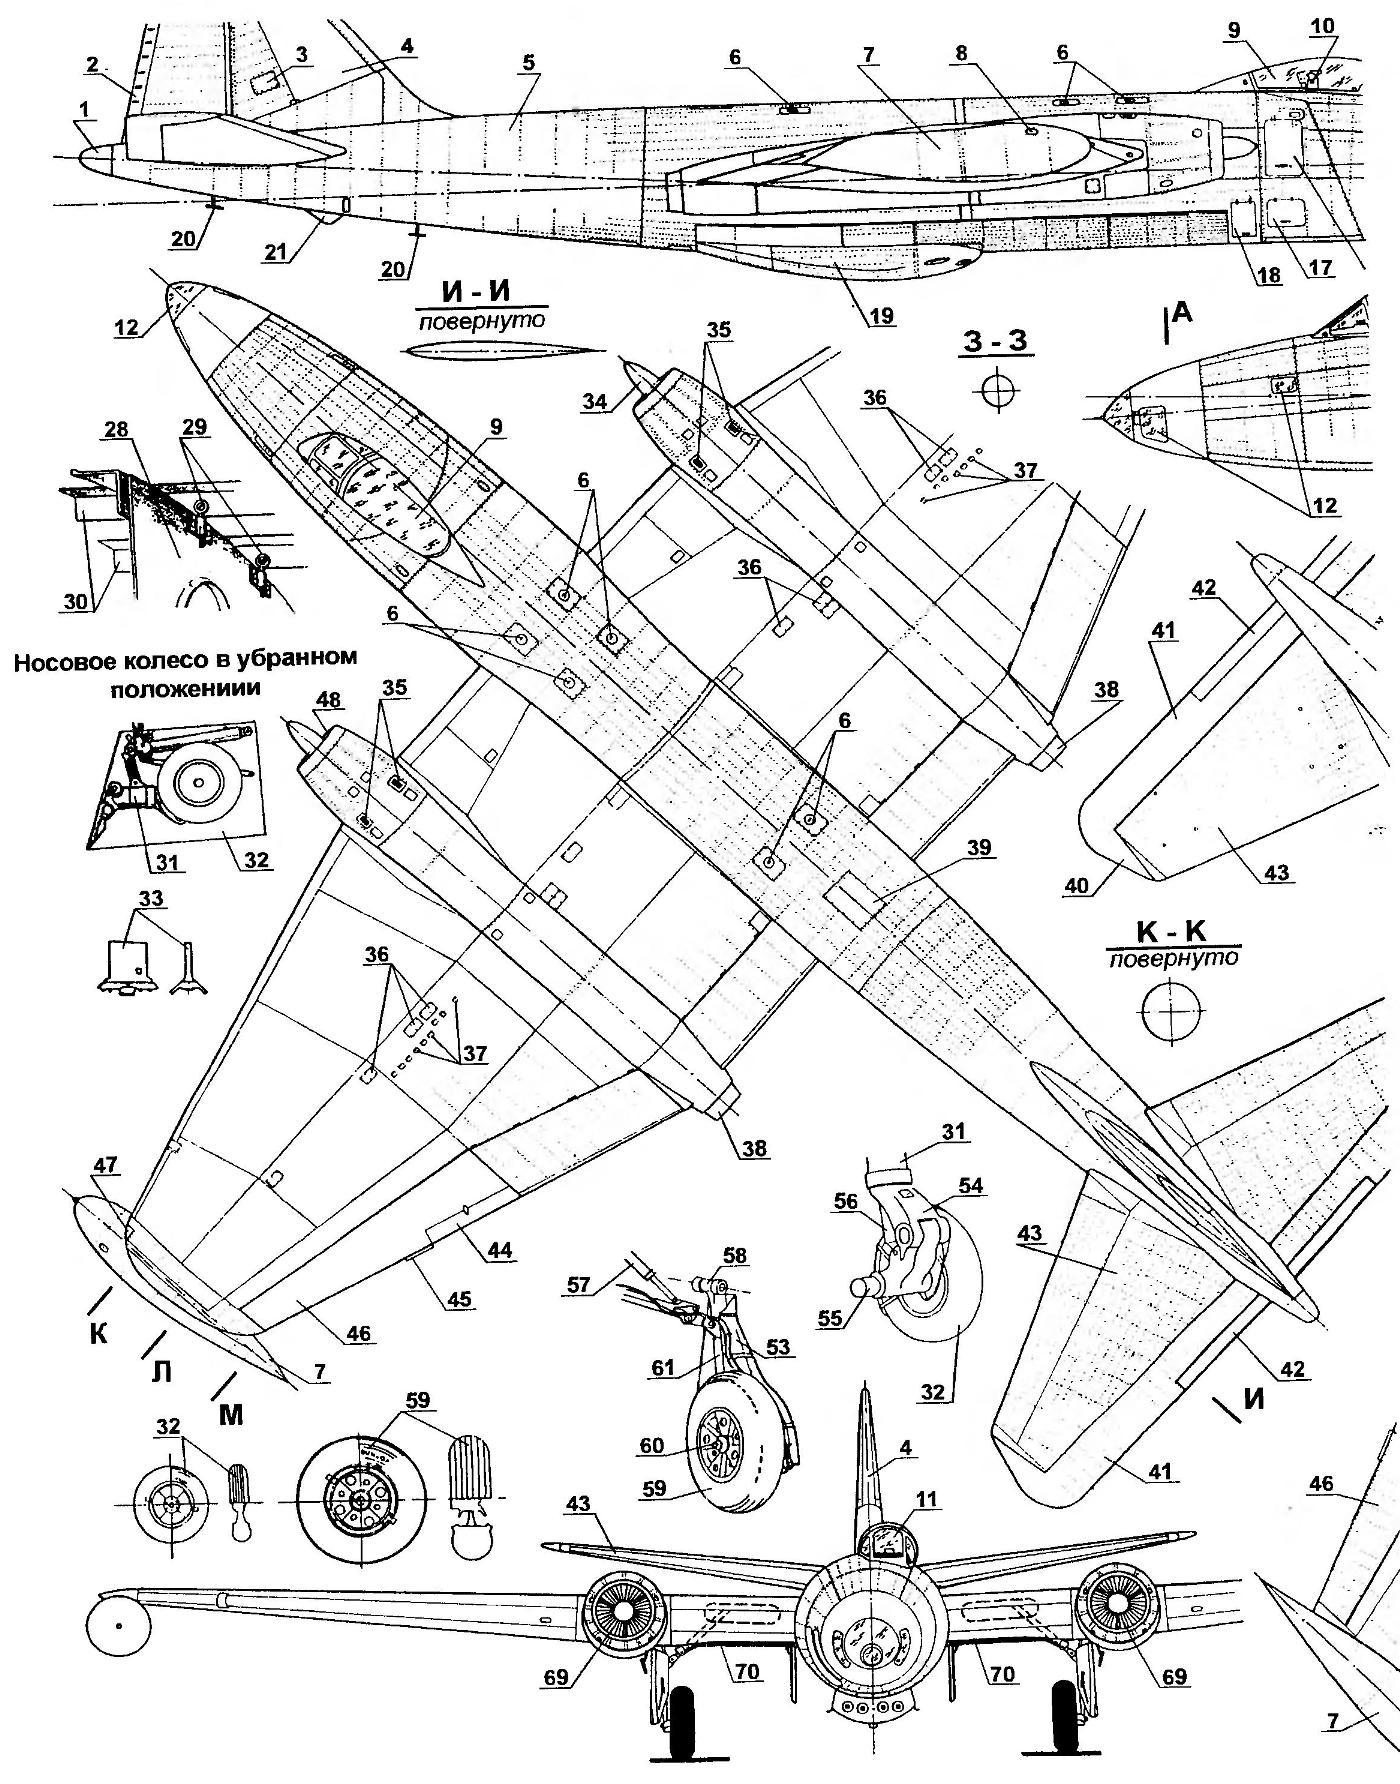 Bomber prototype CANBERRA(1).8